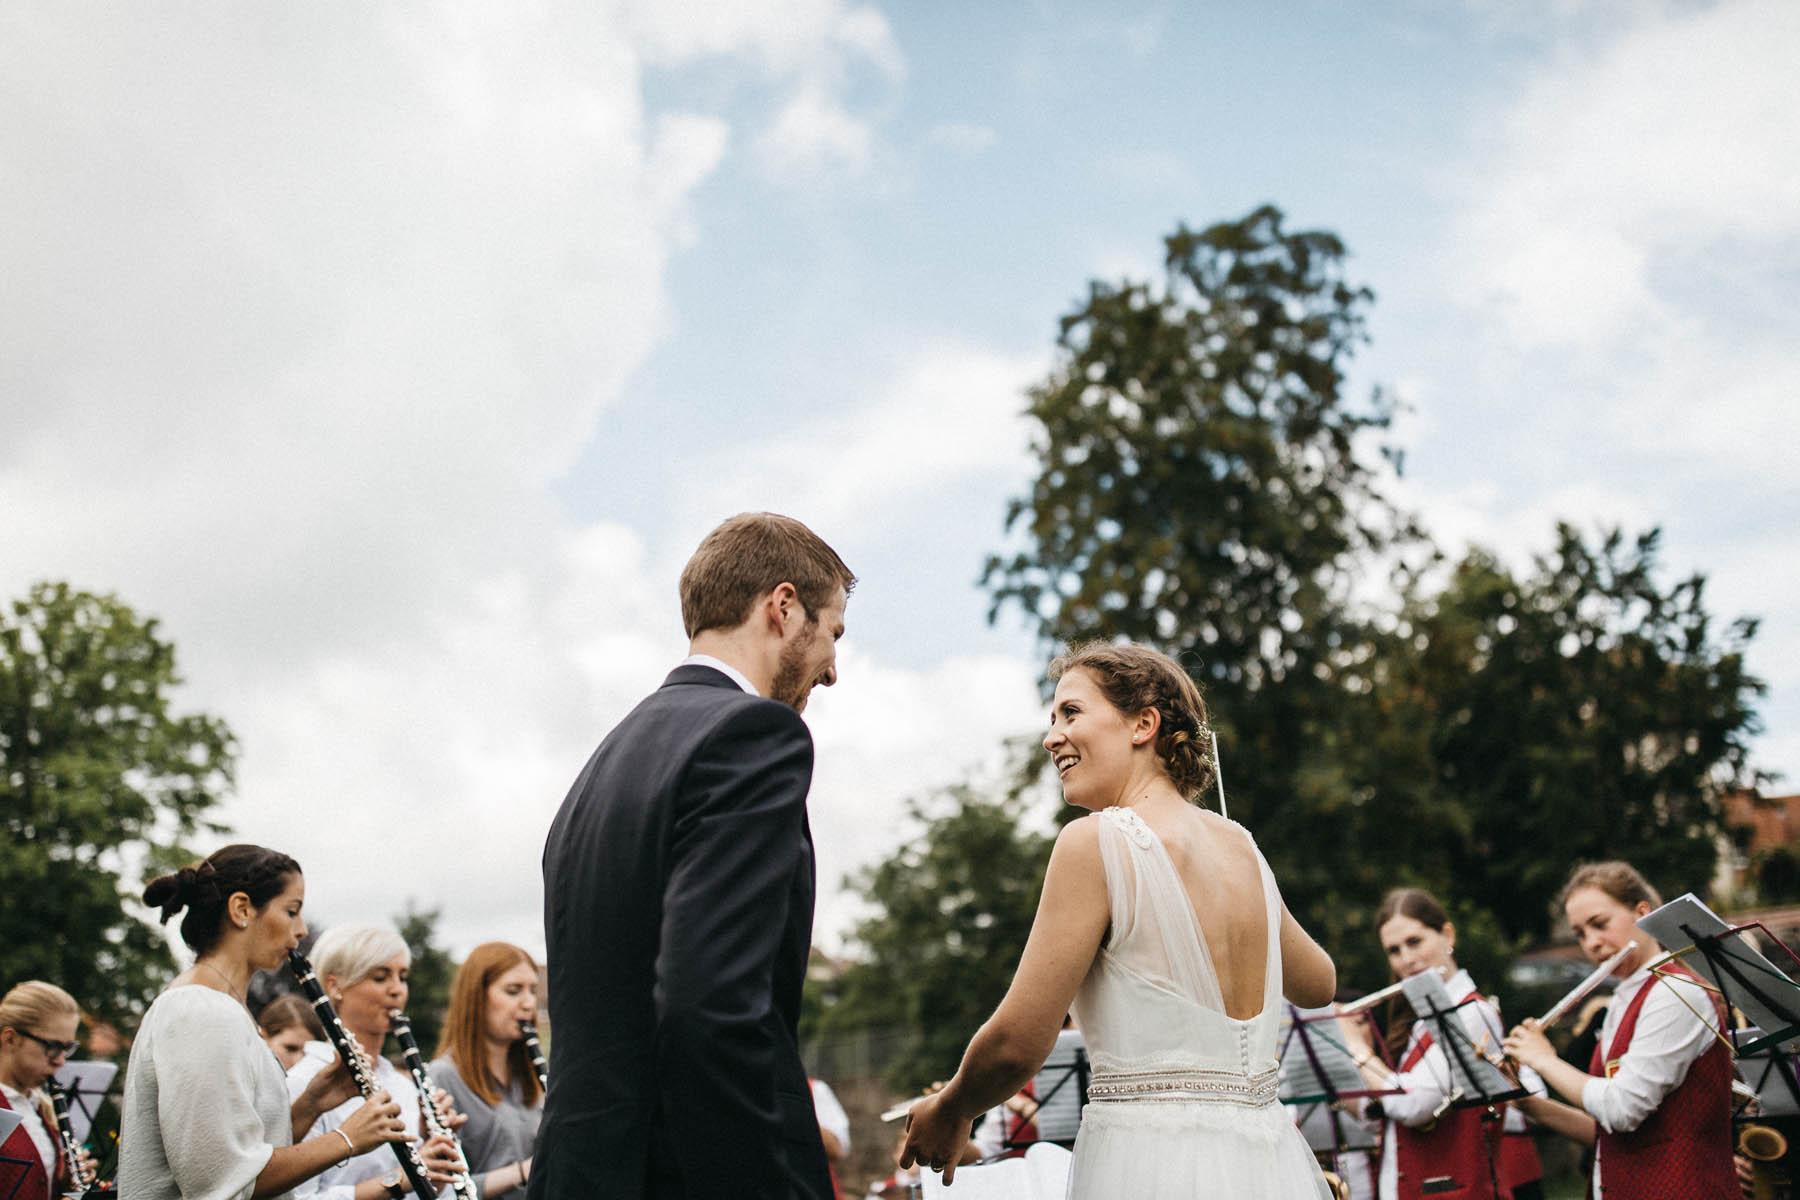 Musikalische Hochzeitstradition - Raissa + Simon Fotografie